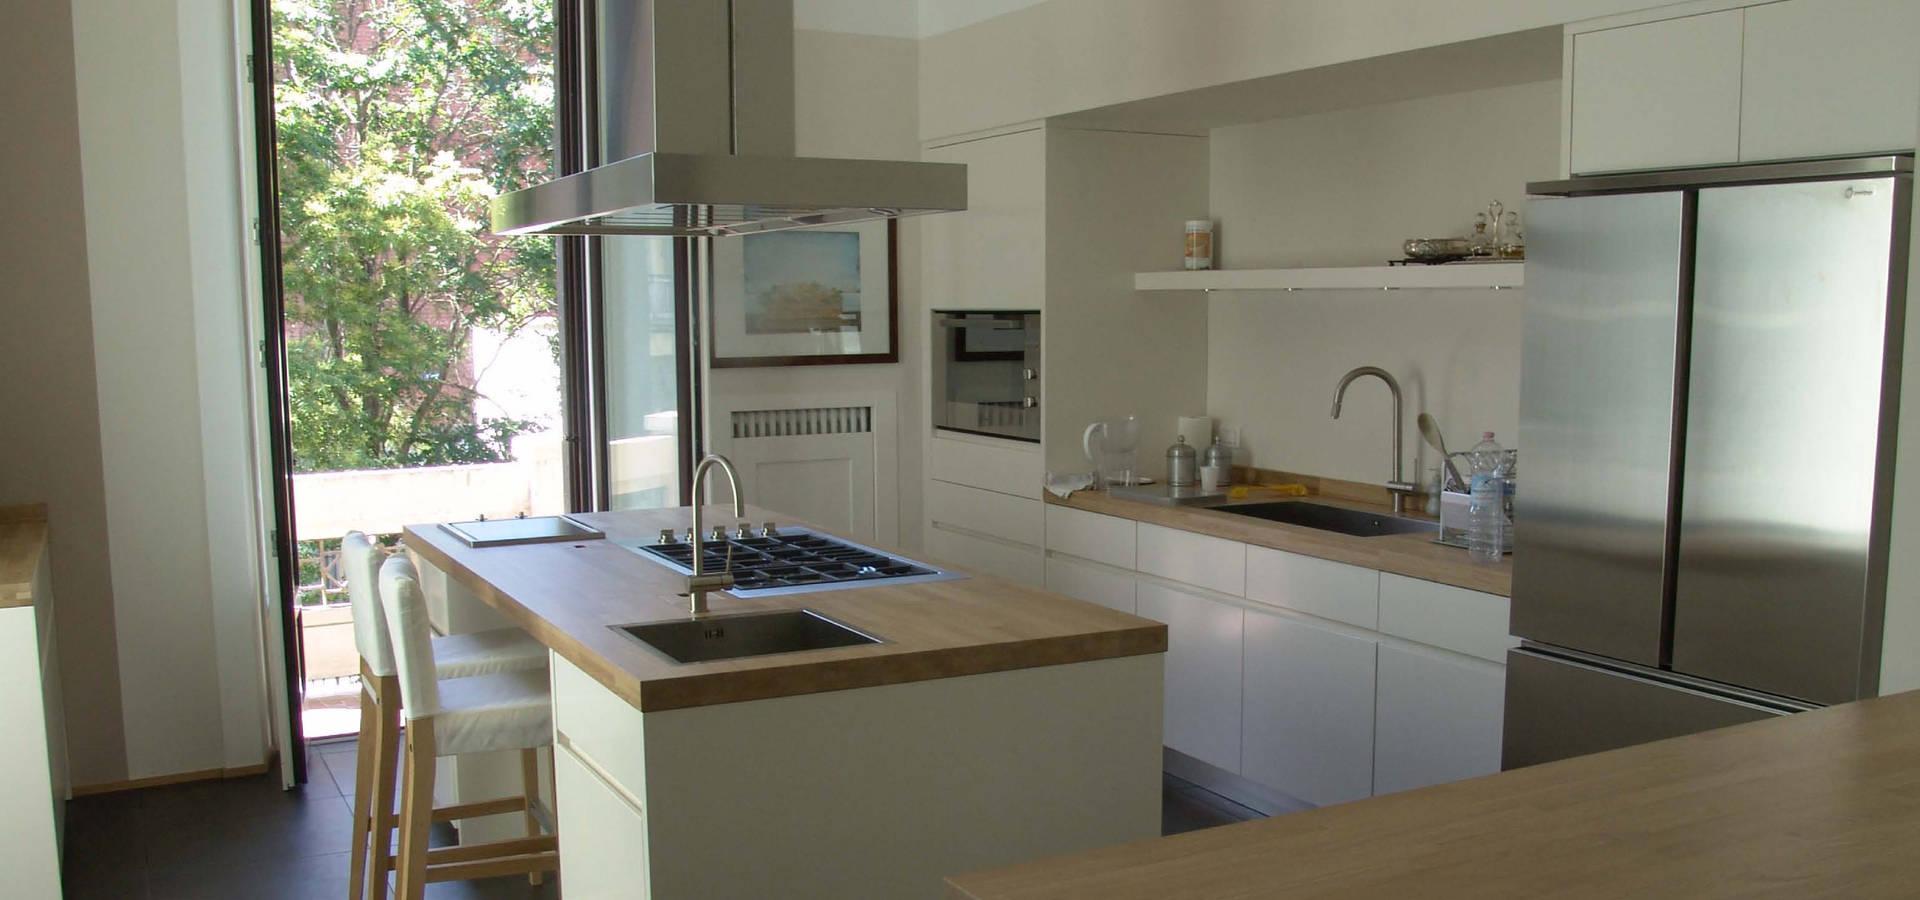 Welchome Interior Design London